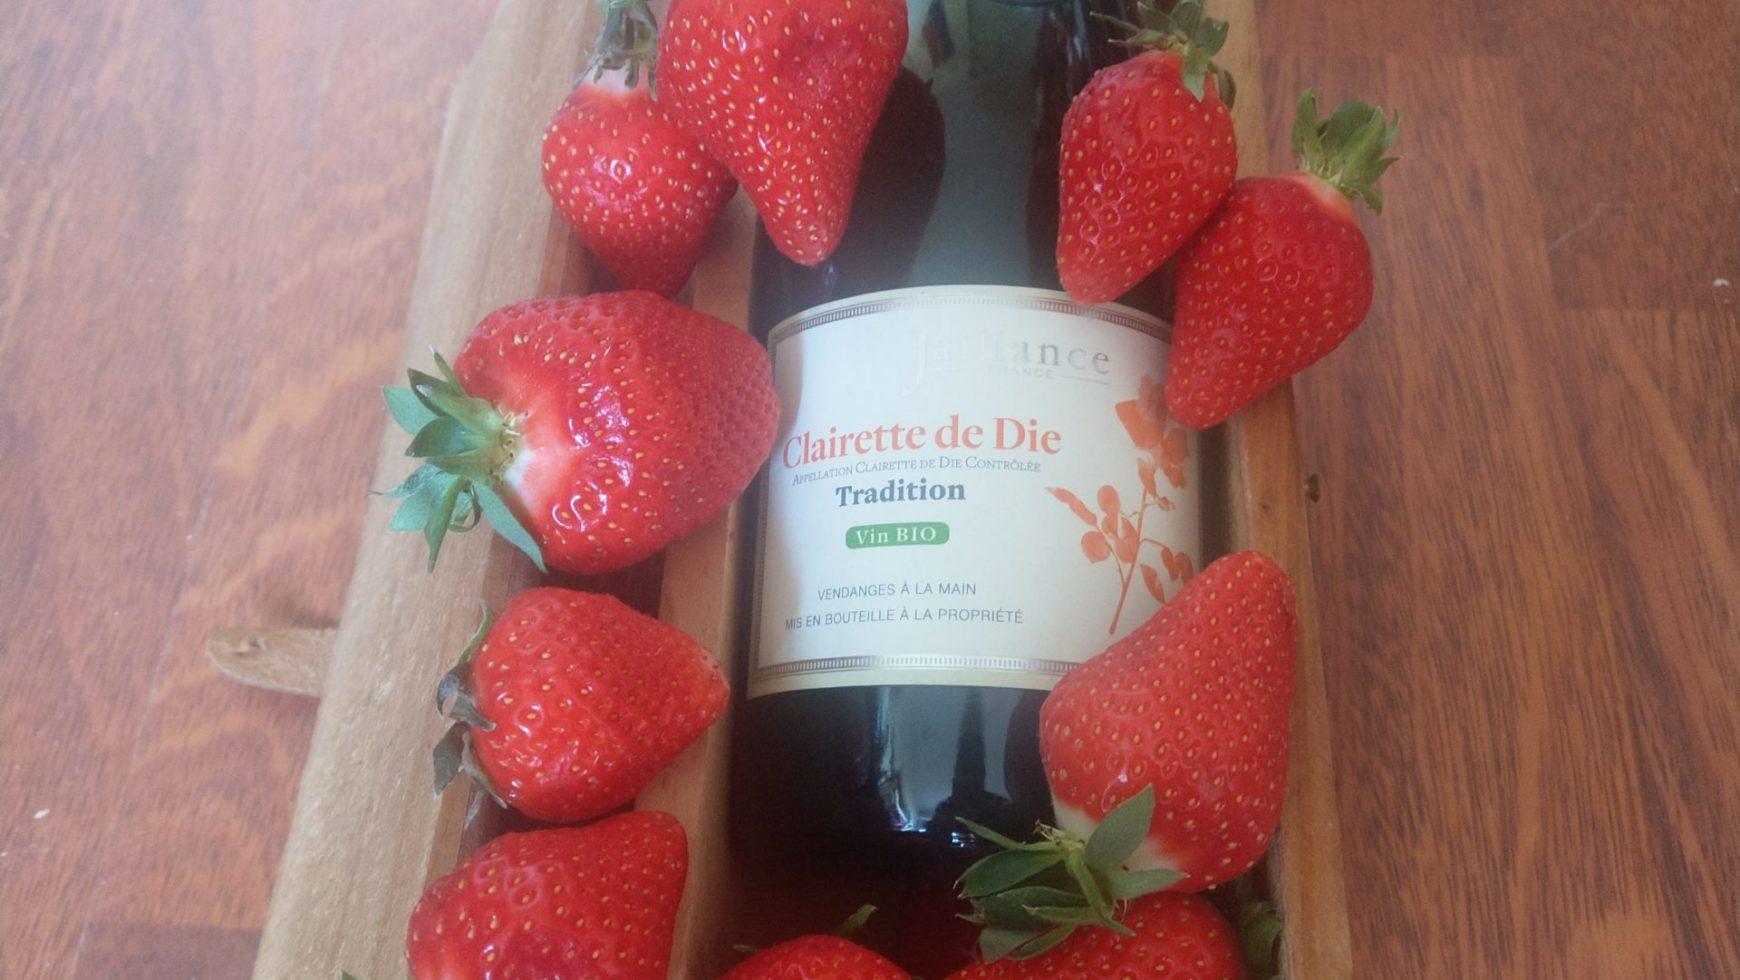 Welcher Wein passt eigentlich zu Erdbeeren???